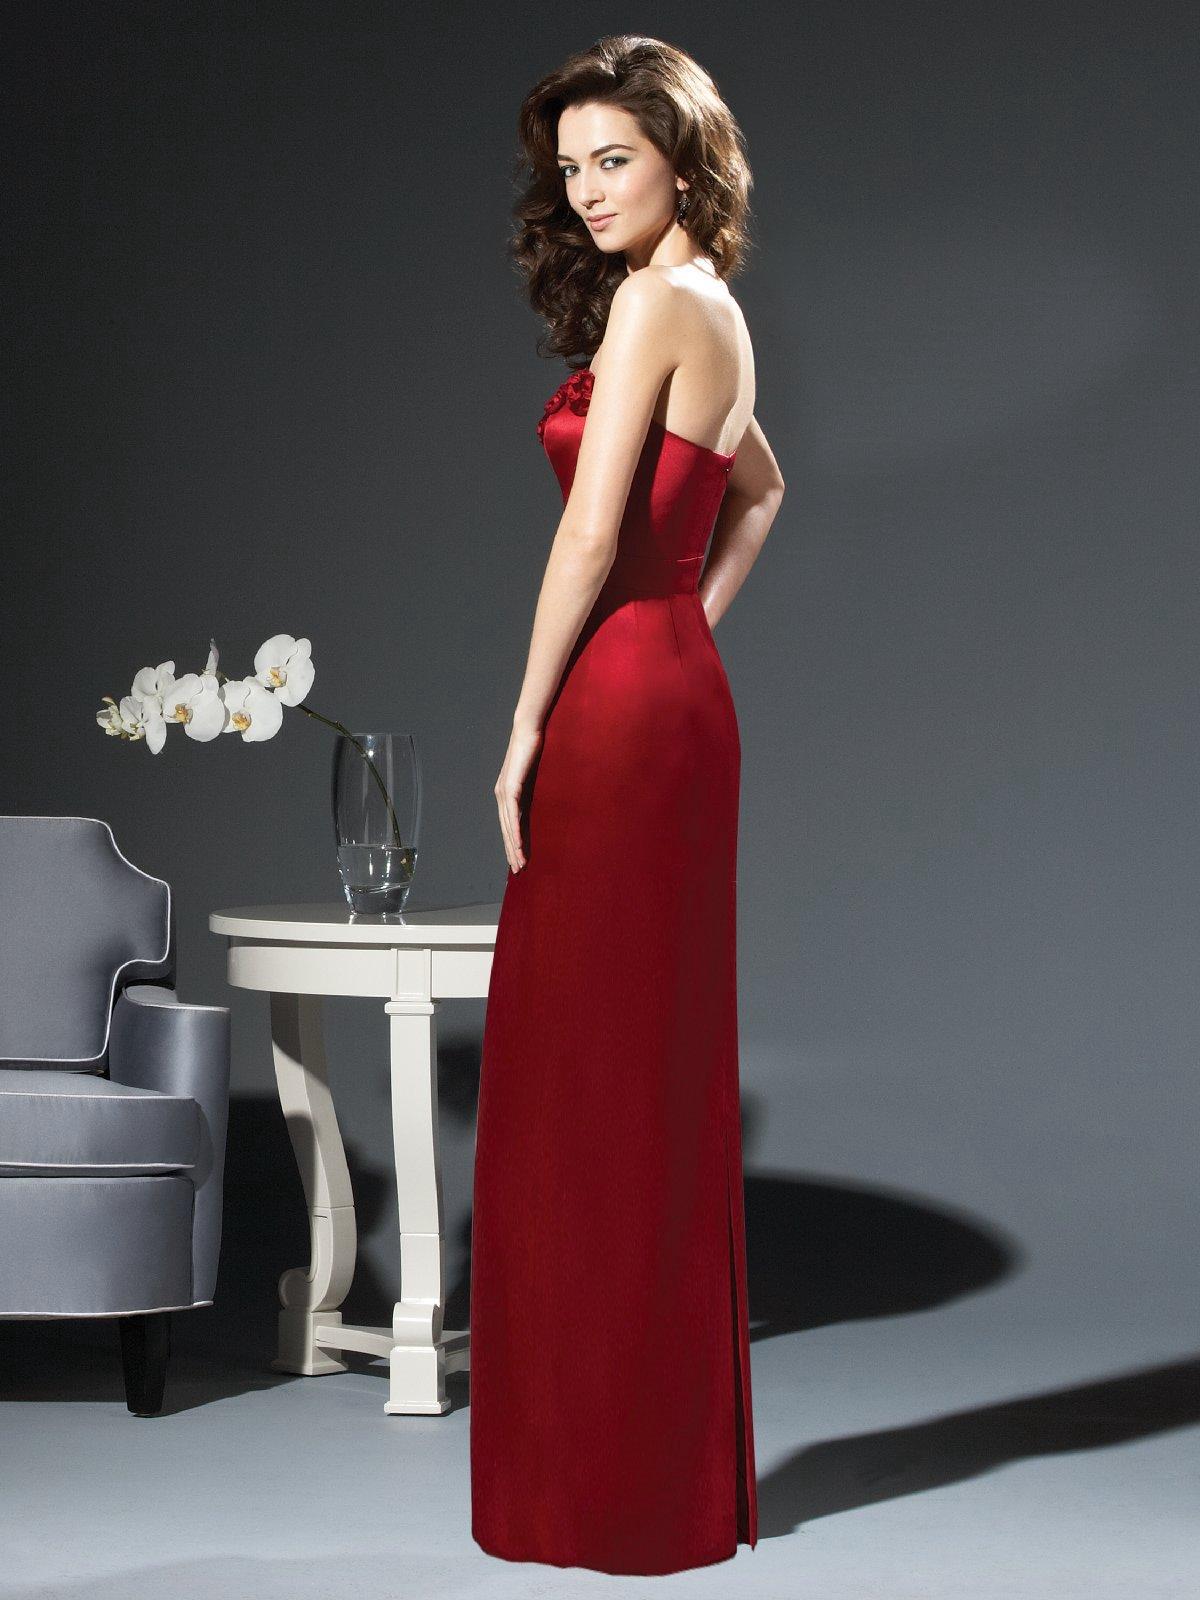 Elite Red Column Strapless Floor Length Satin Prom Dresses